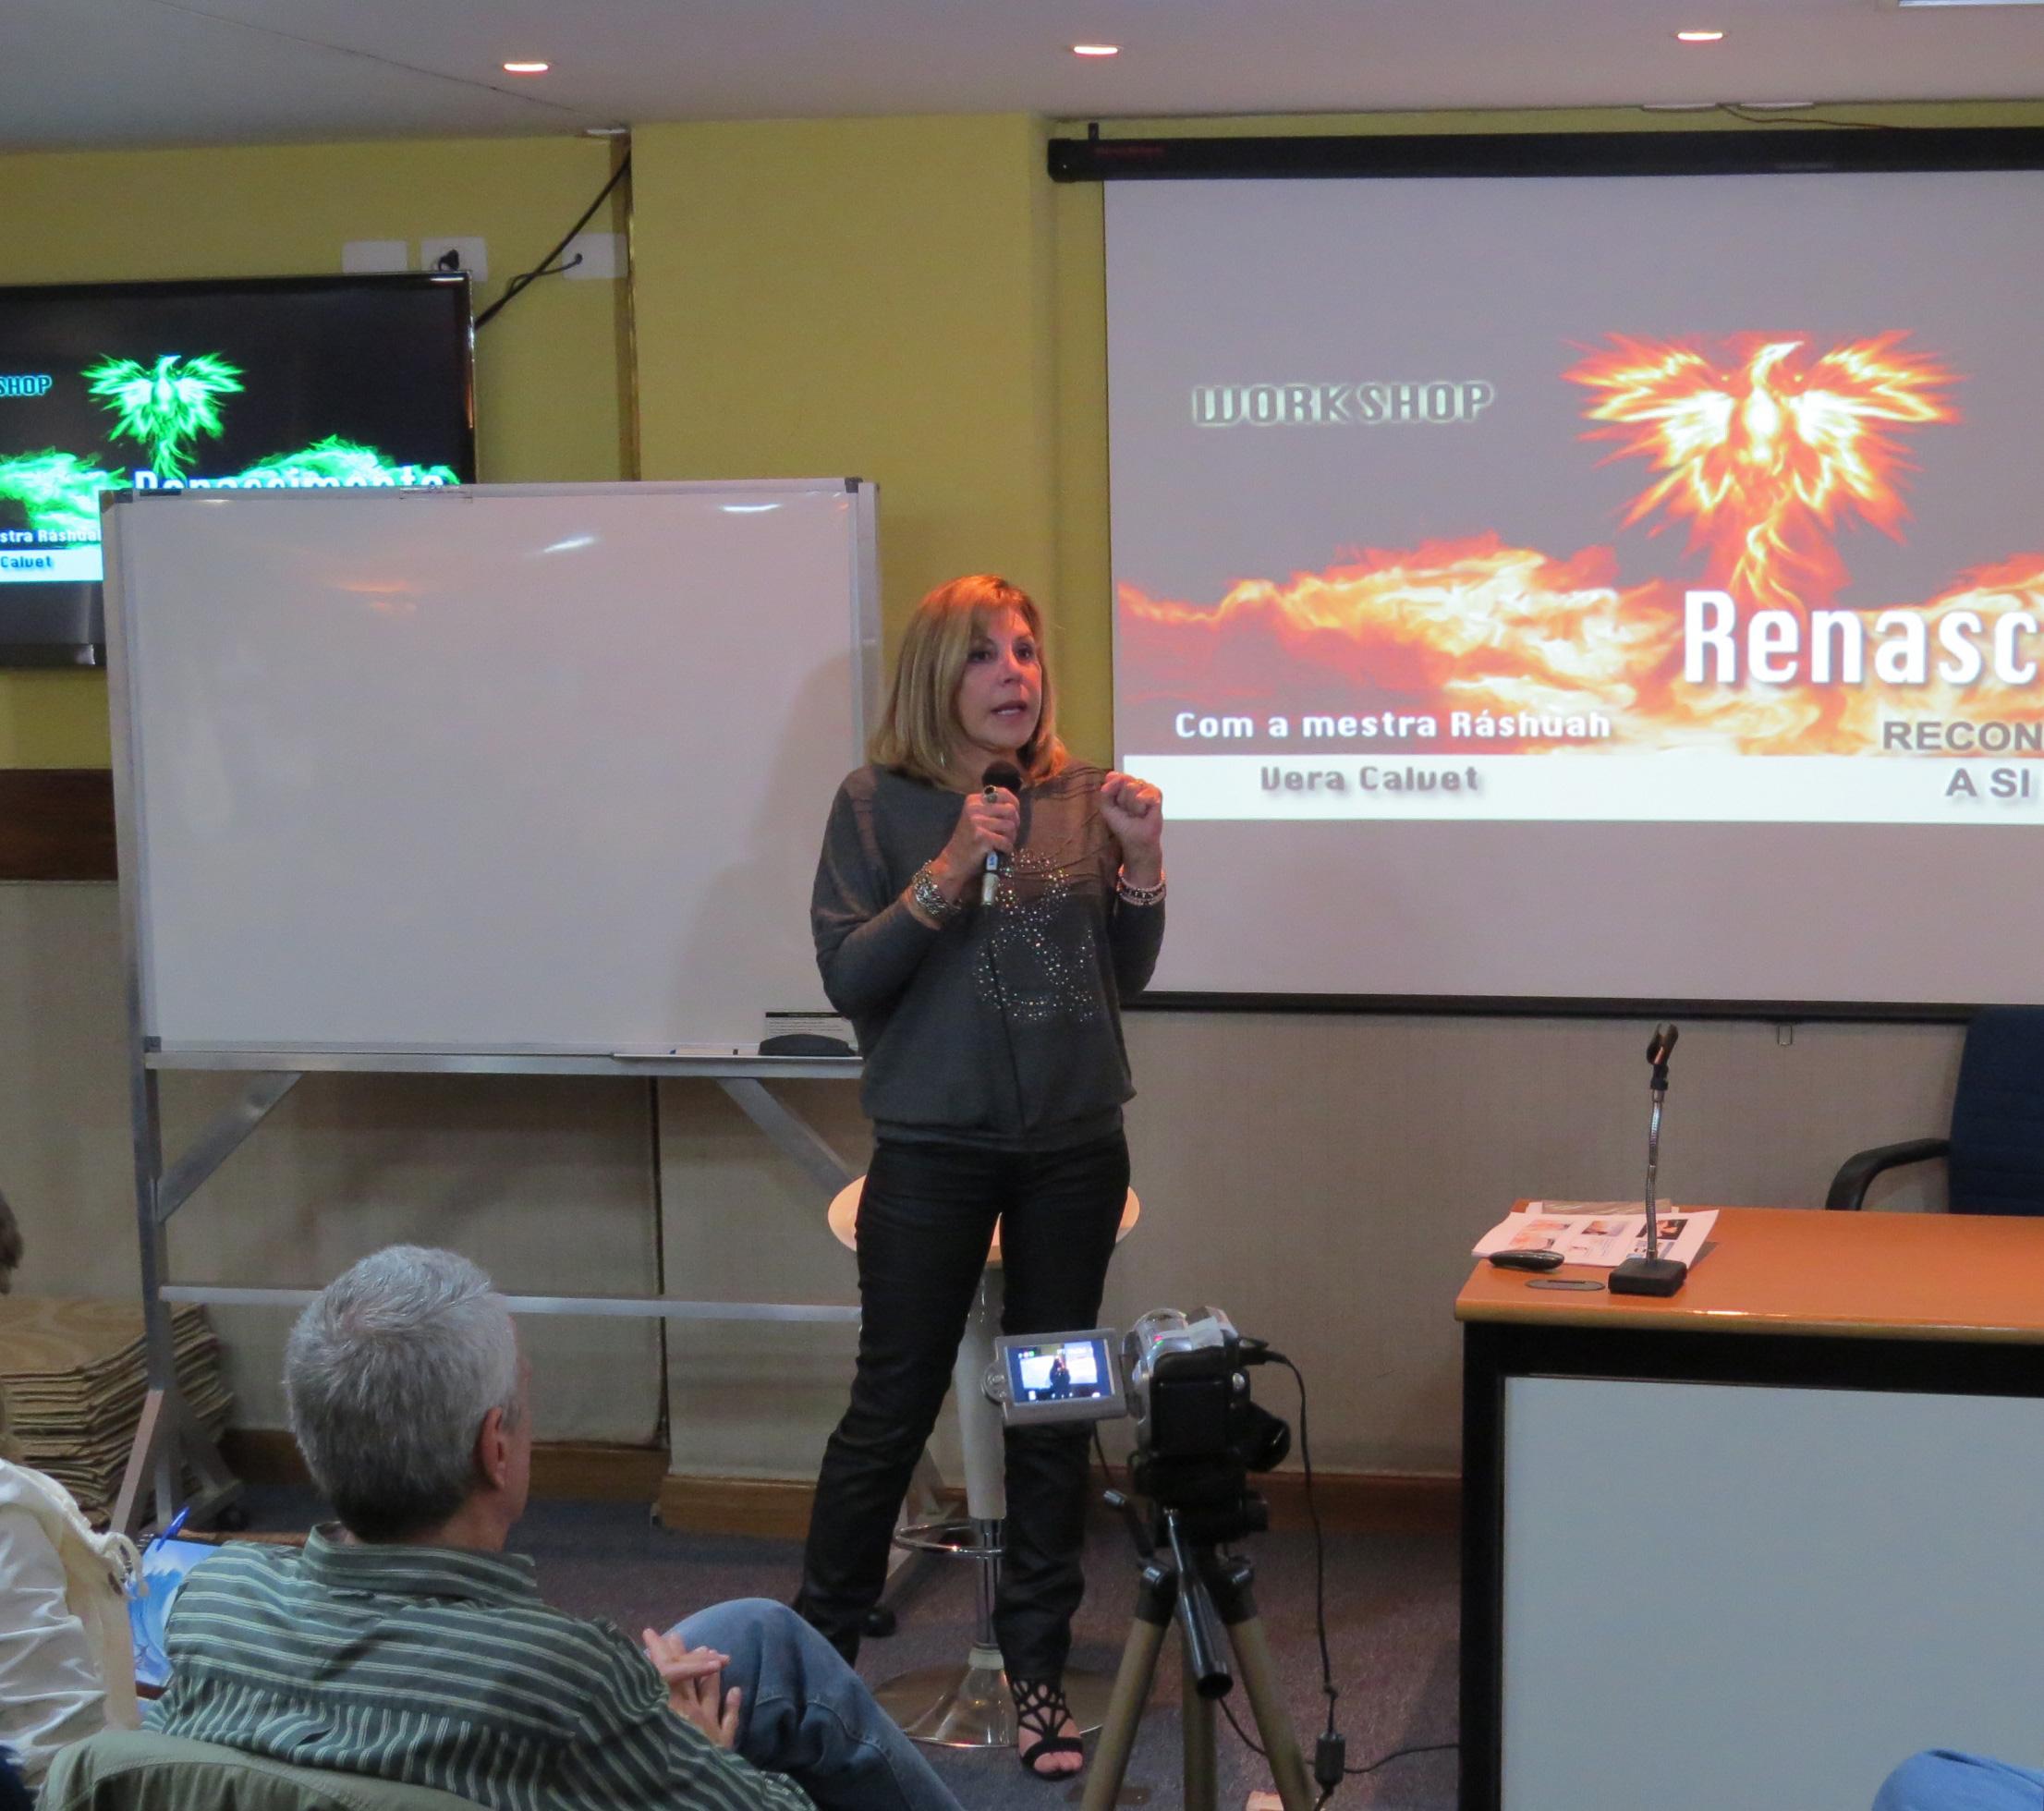 Workshop Emoções e Renascimento5